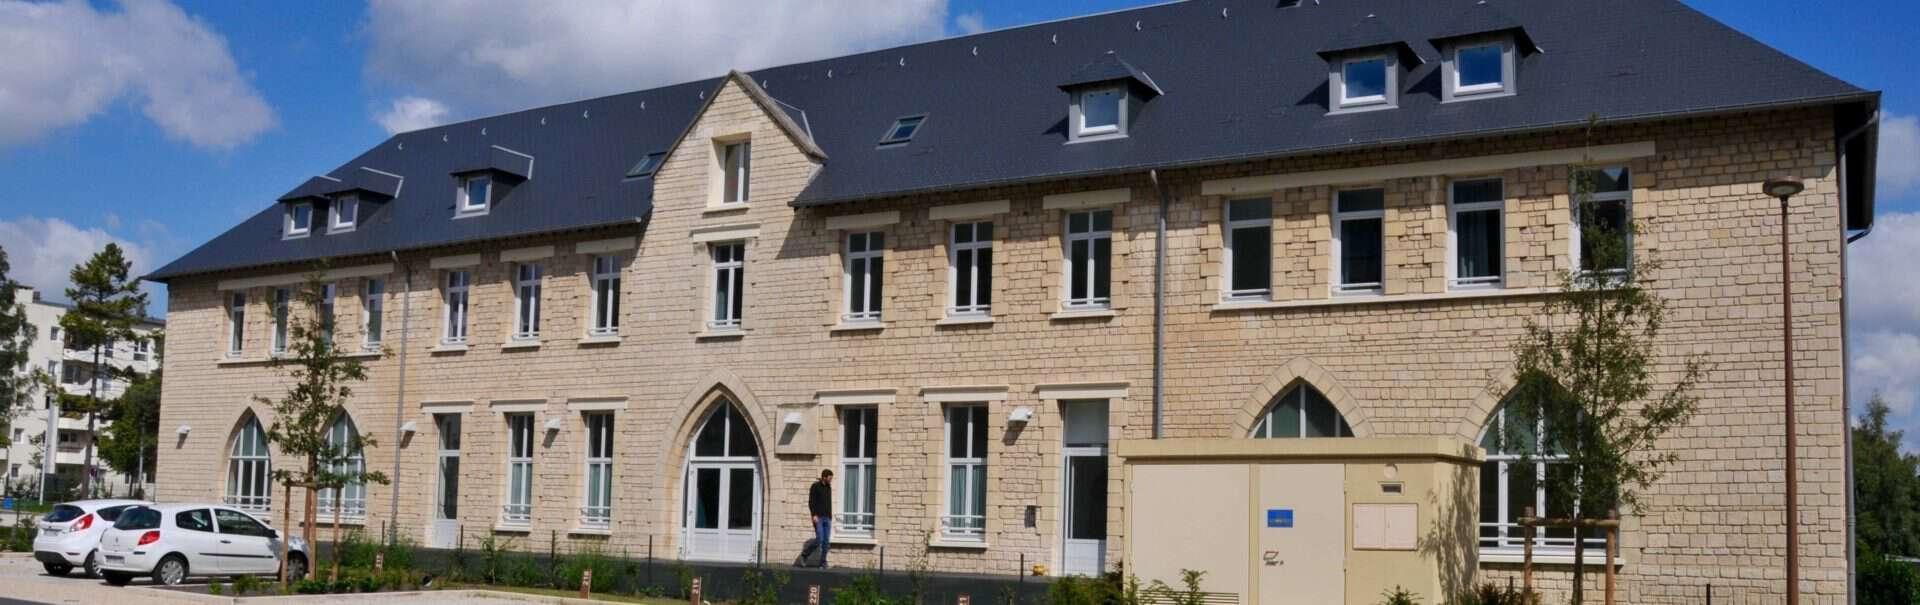 2015 09 07 Maison Relais Marc Gignoux HH14